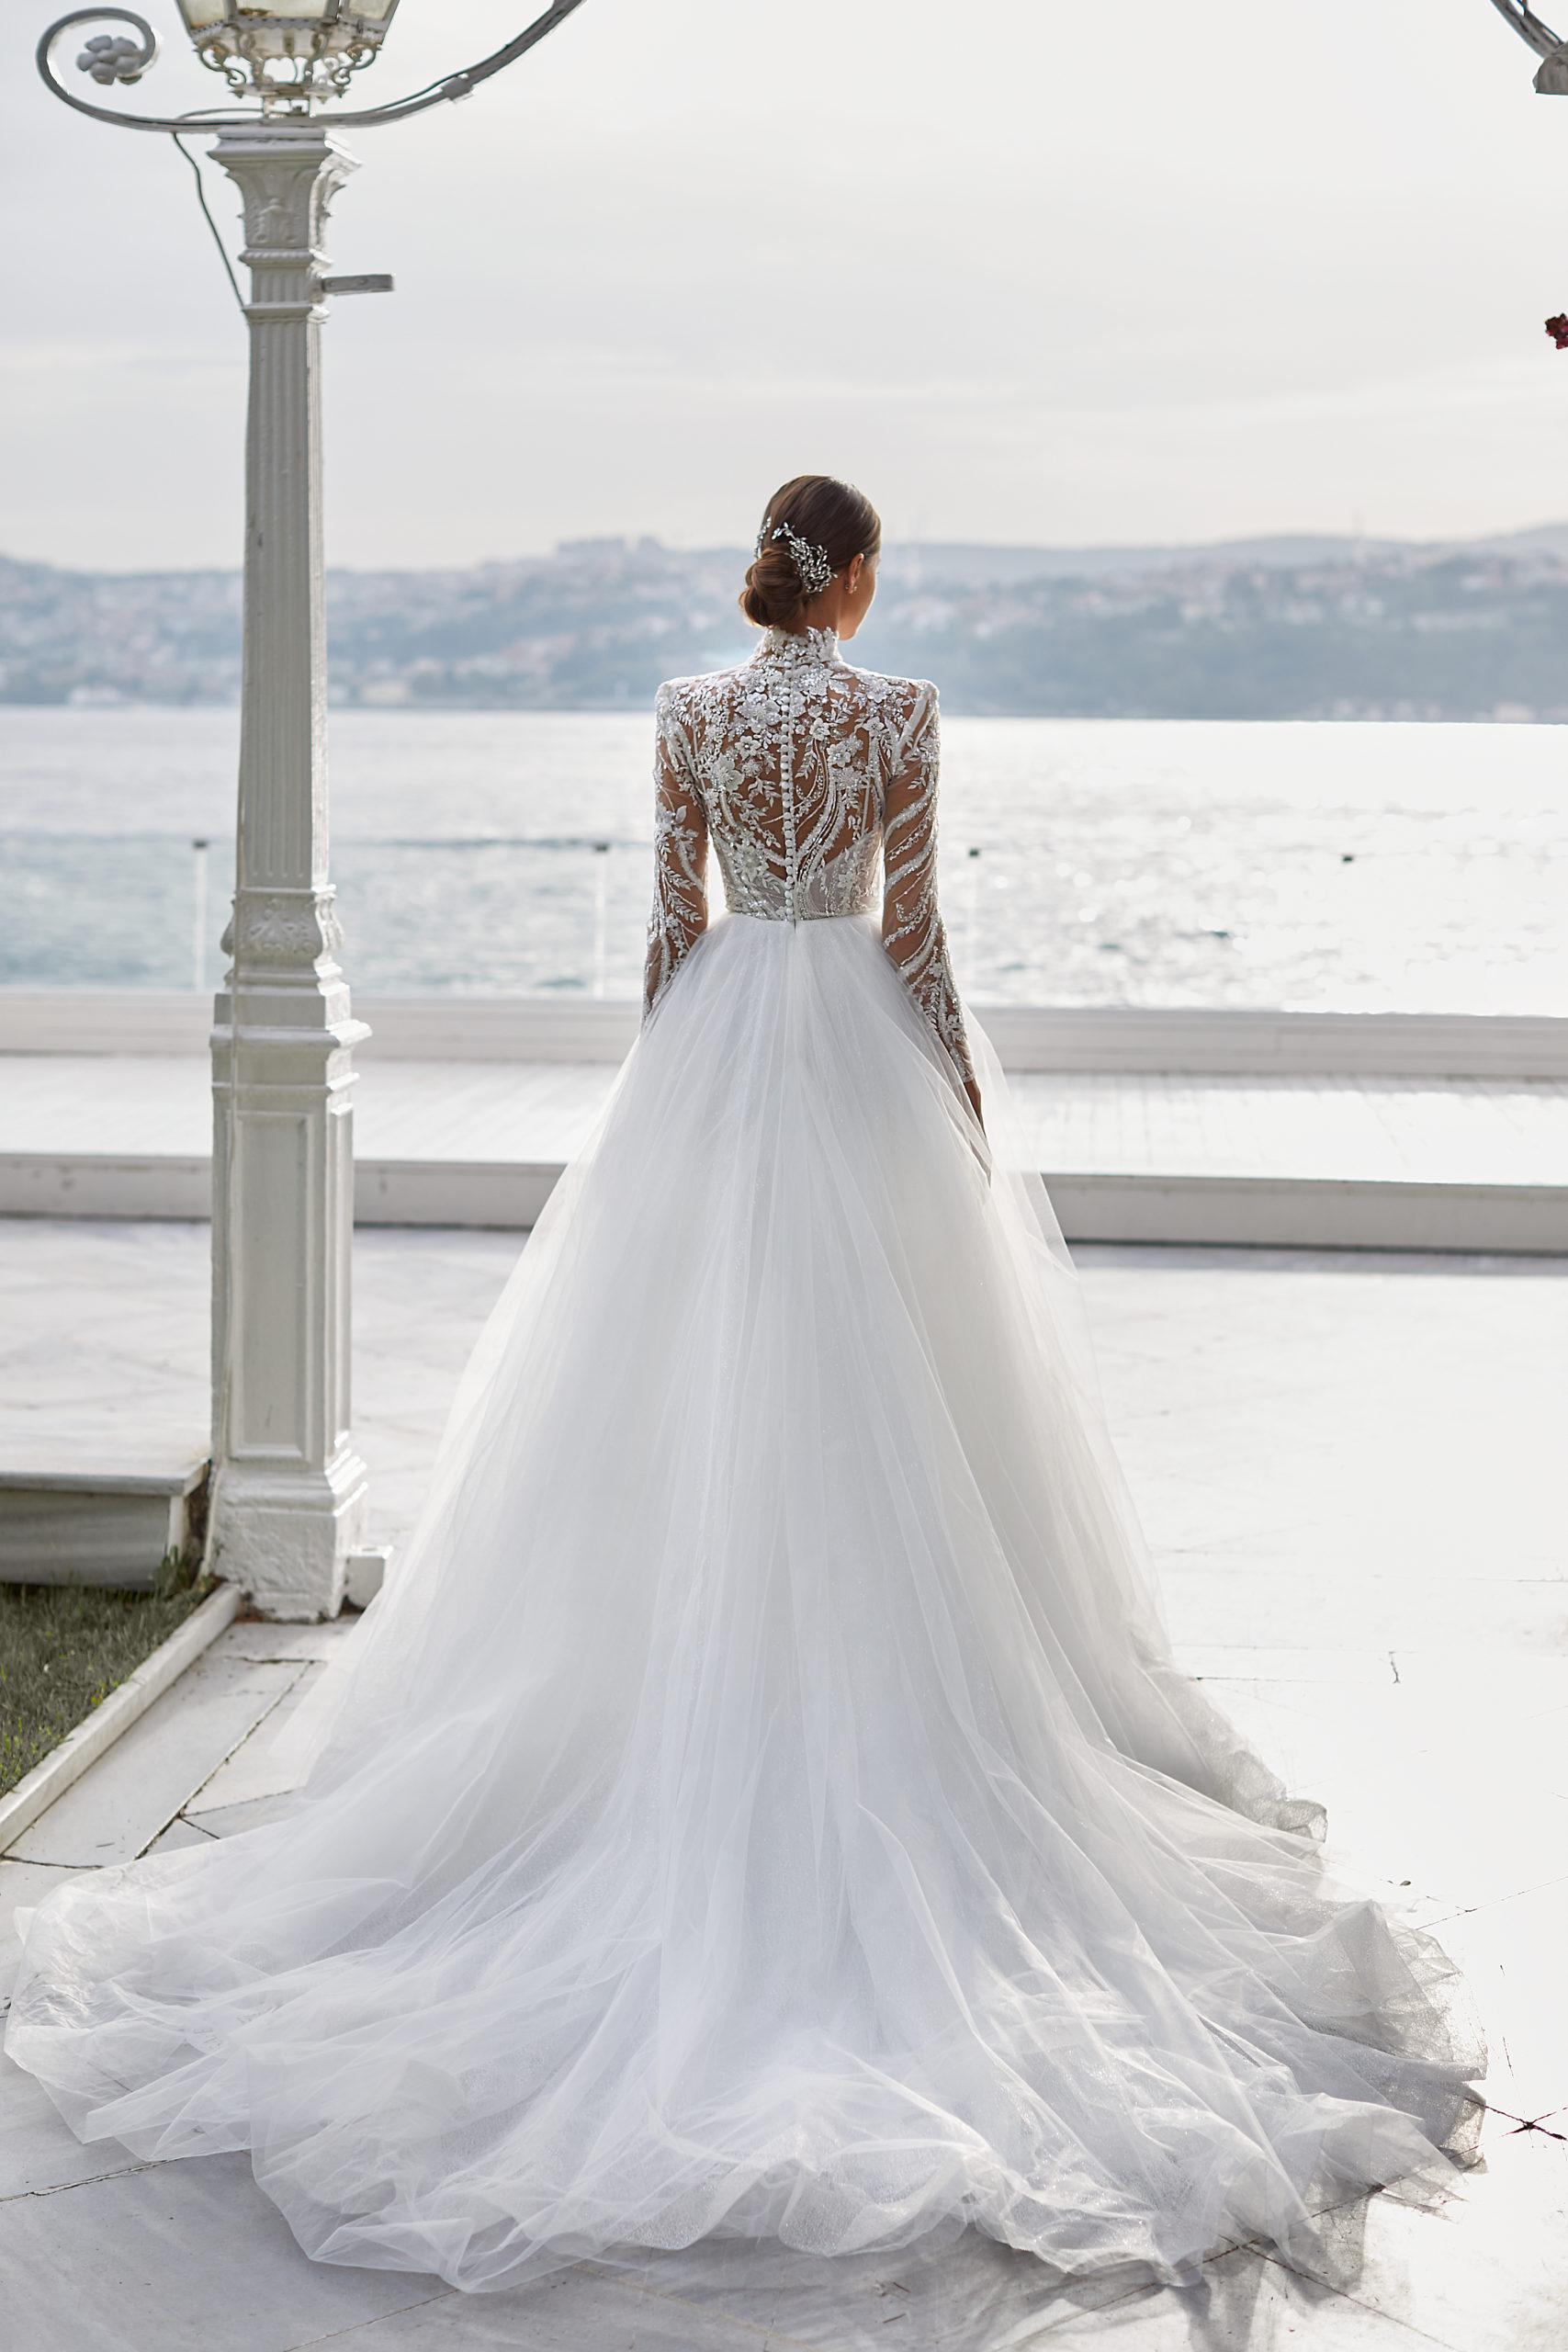 Sublimes robes de mariée à Genève Carmen White and and Lace jupon tulle princesse moderne luxe classe sophistiquée sequins argent